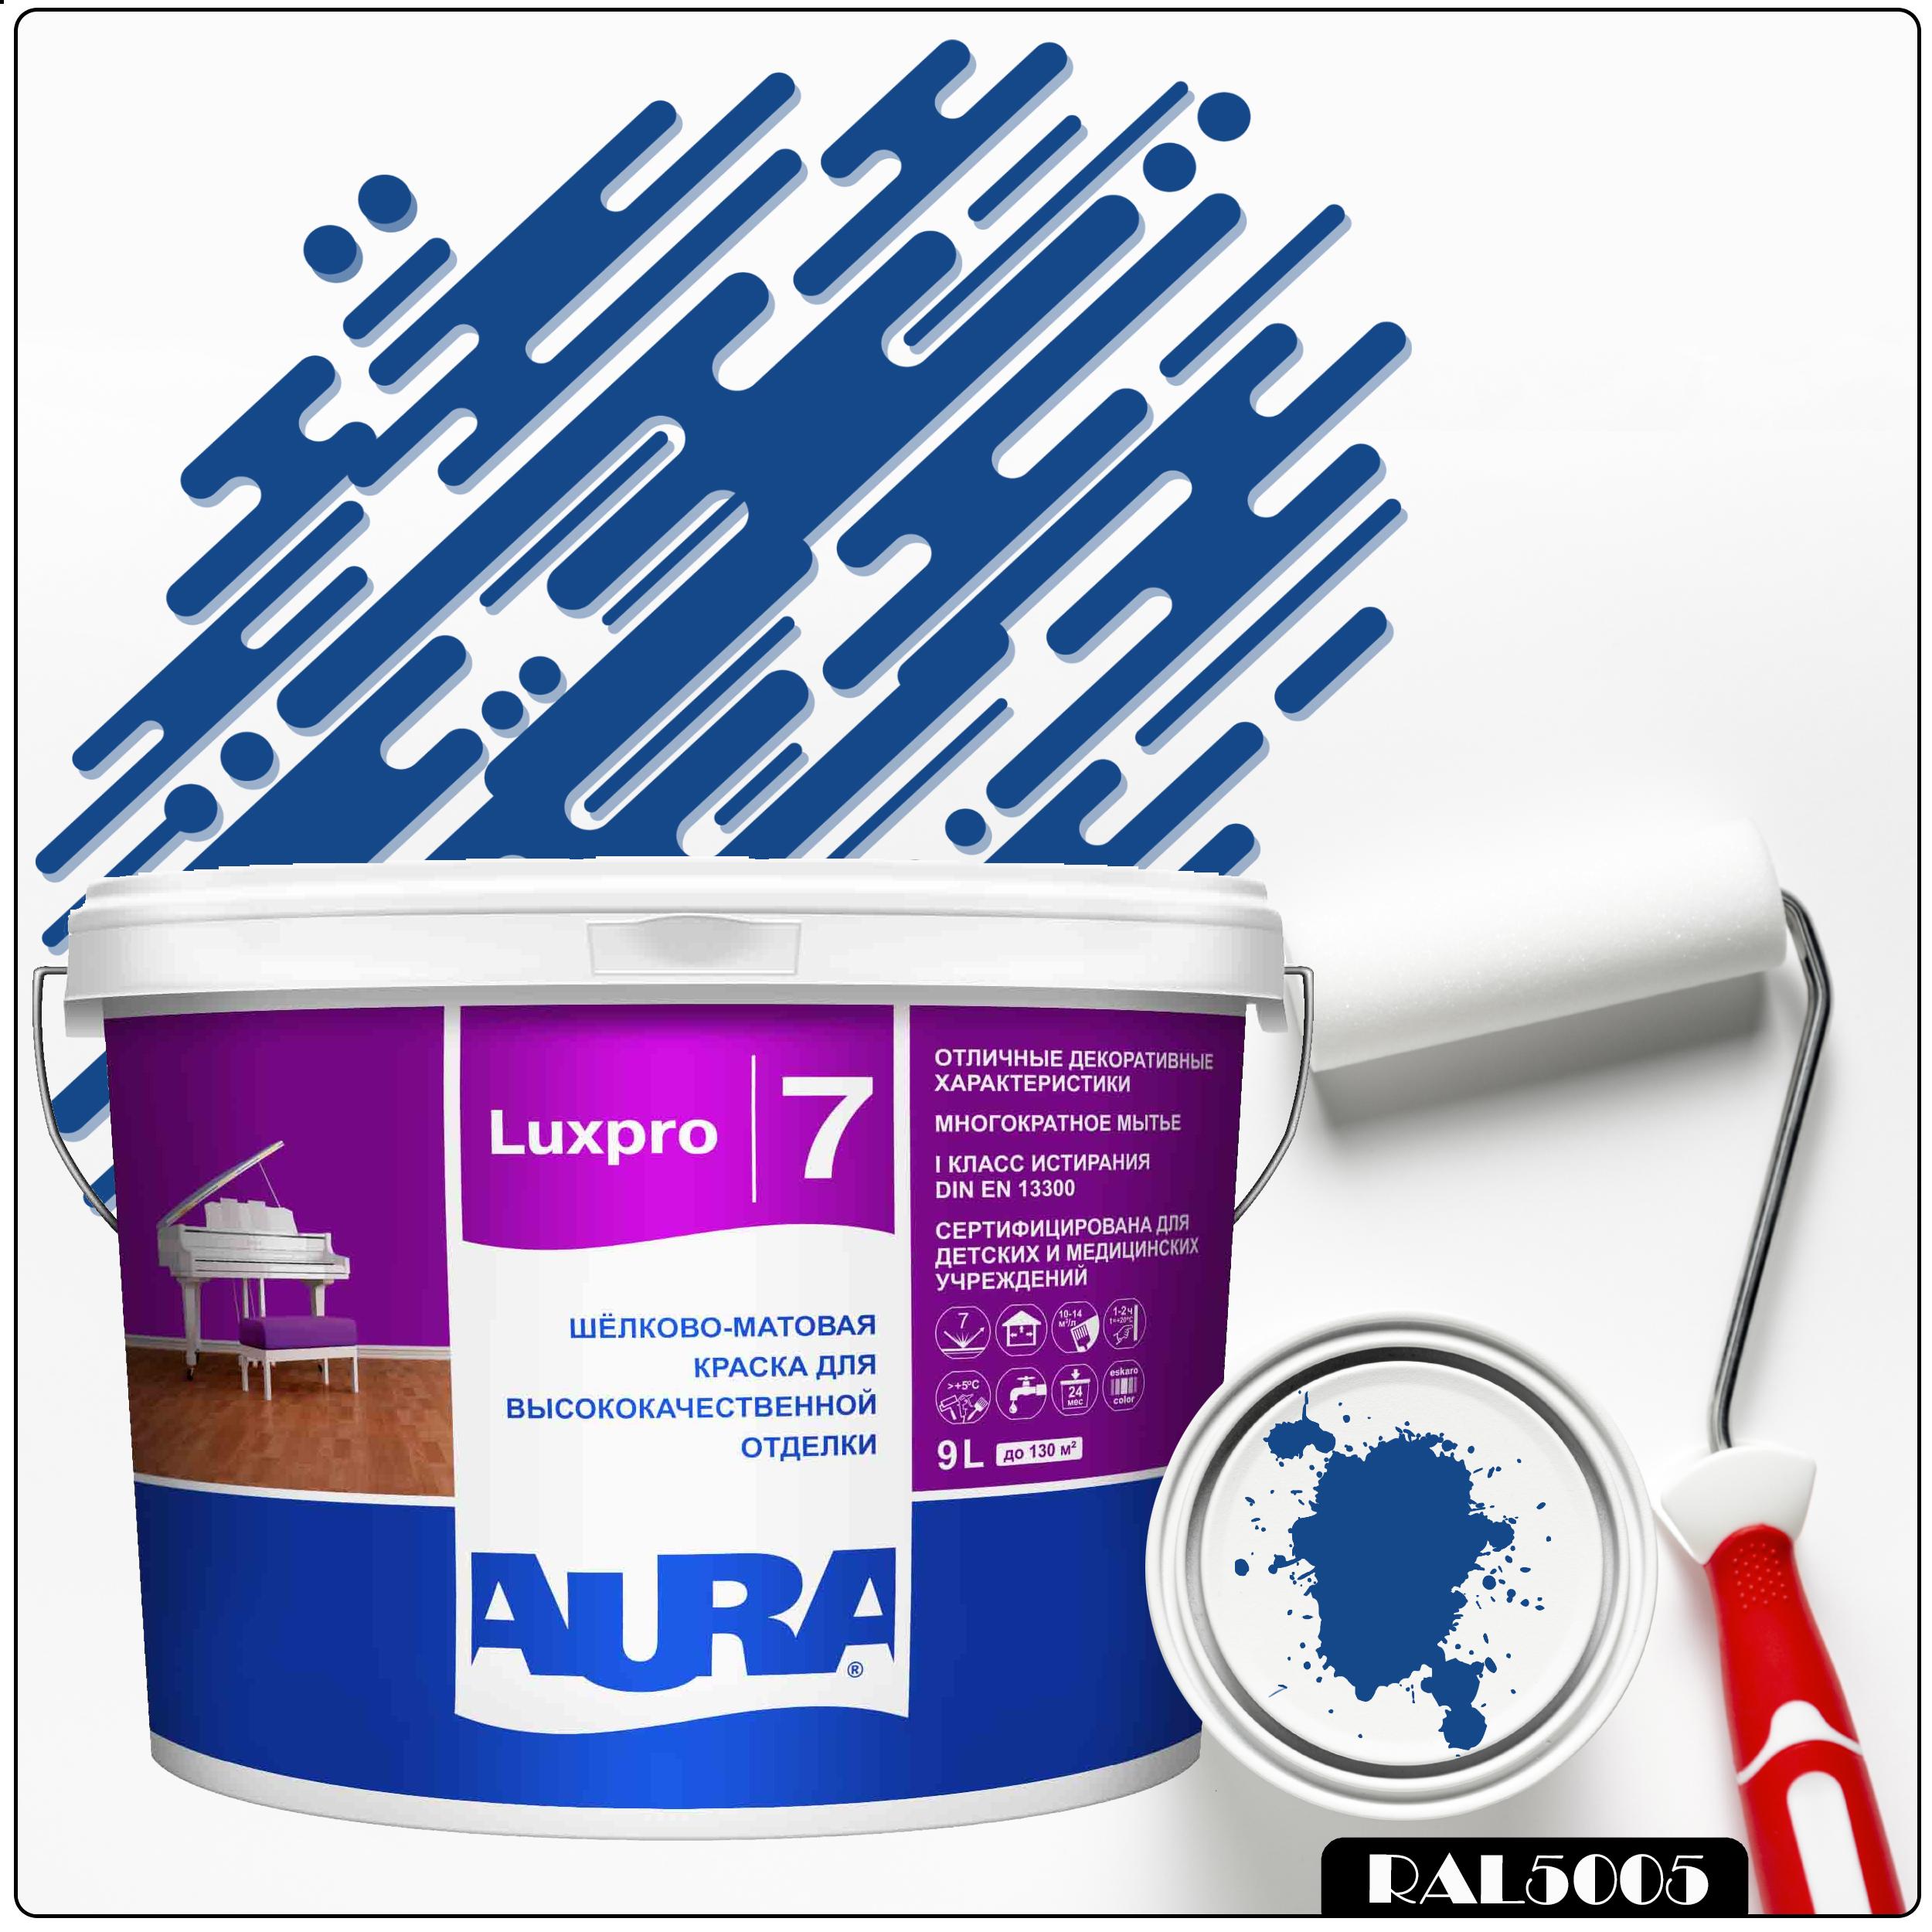 Фото 6 - Краска Aura LuxPRO 7, RAL 5005 Сигнальный синий, латексная, шелково-матовая, интерьерная, 9л, Аура.